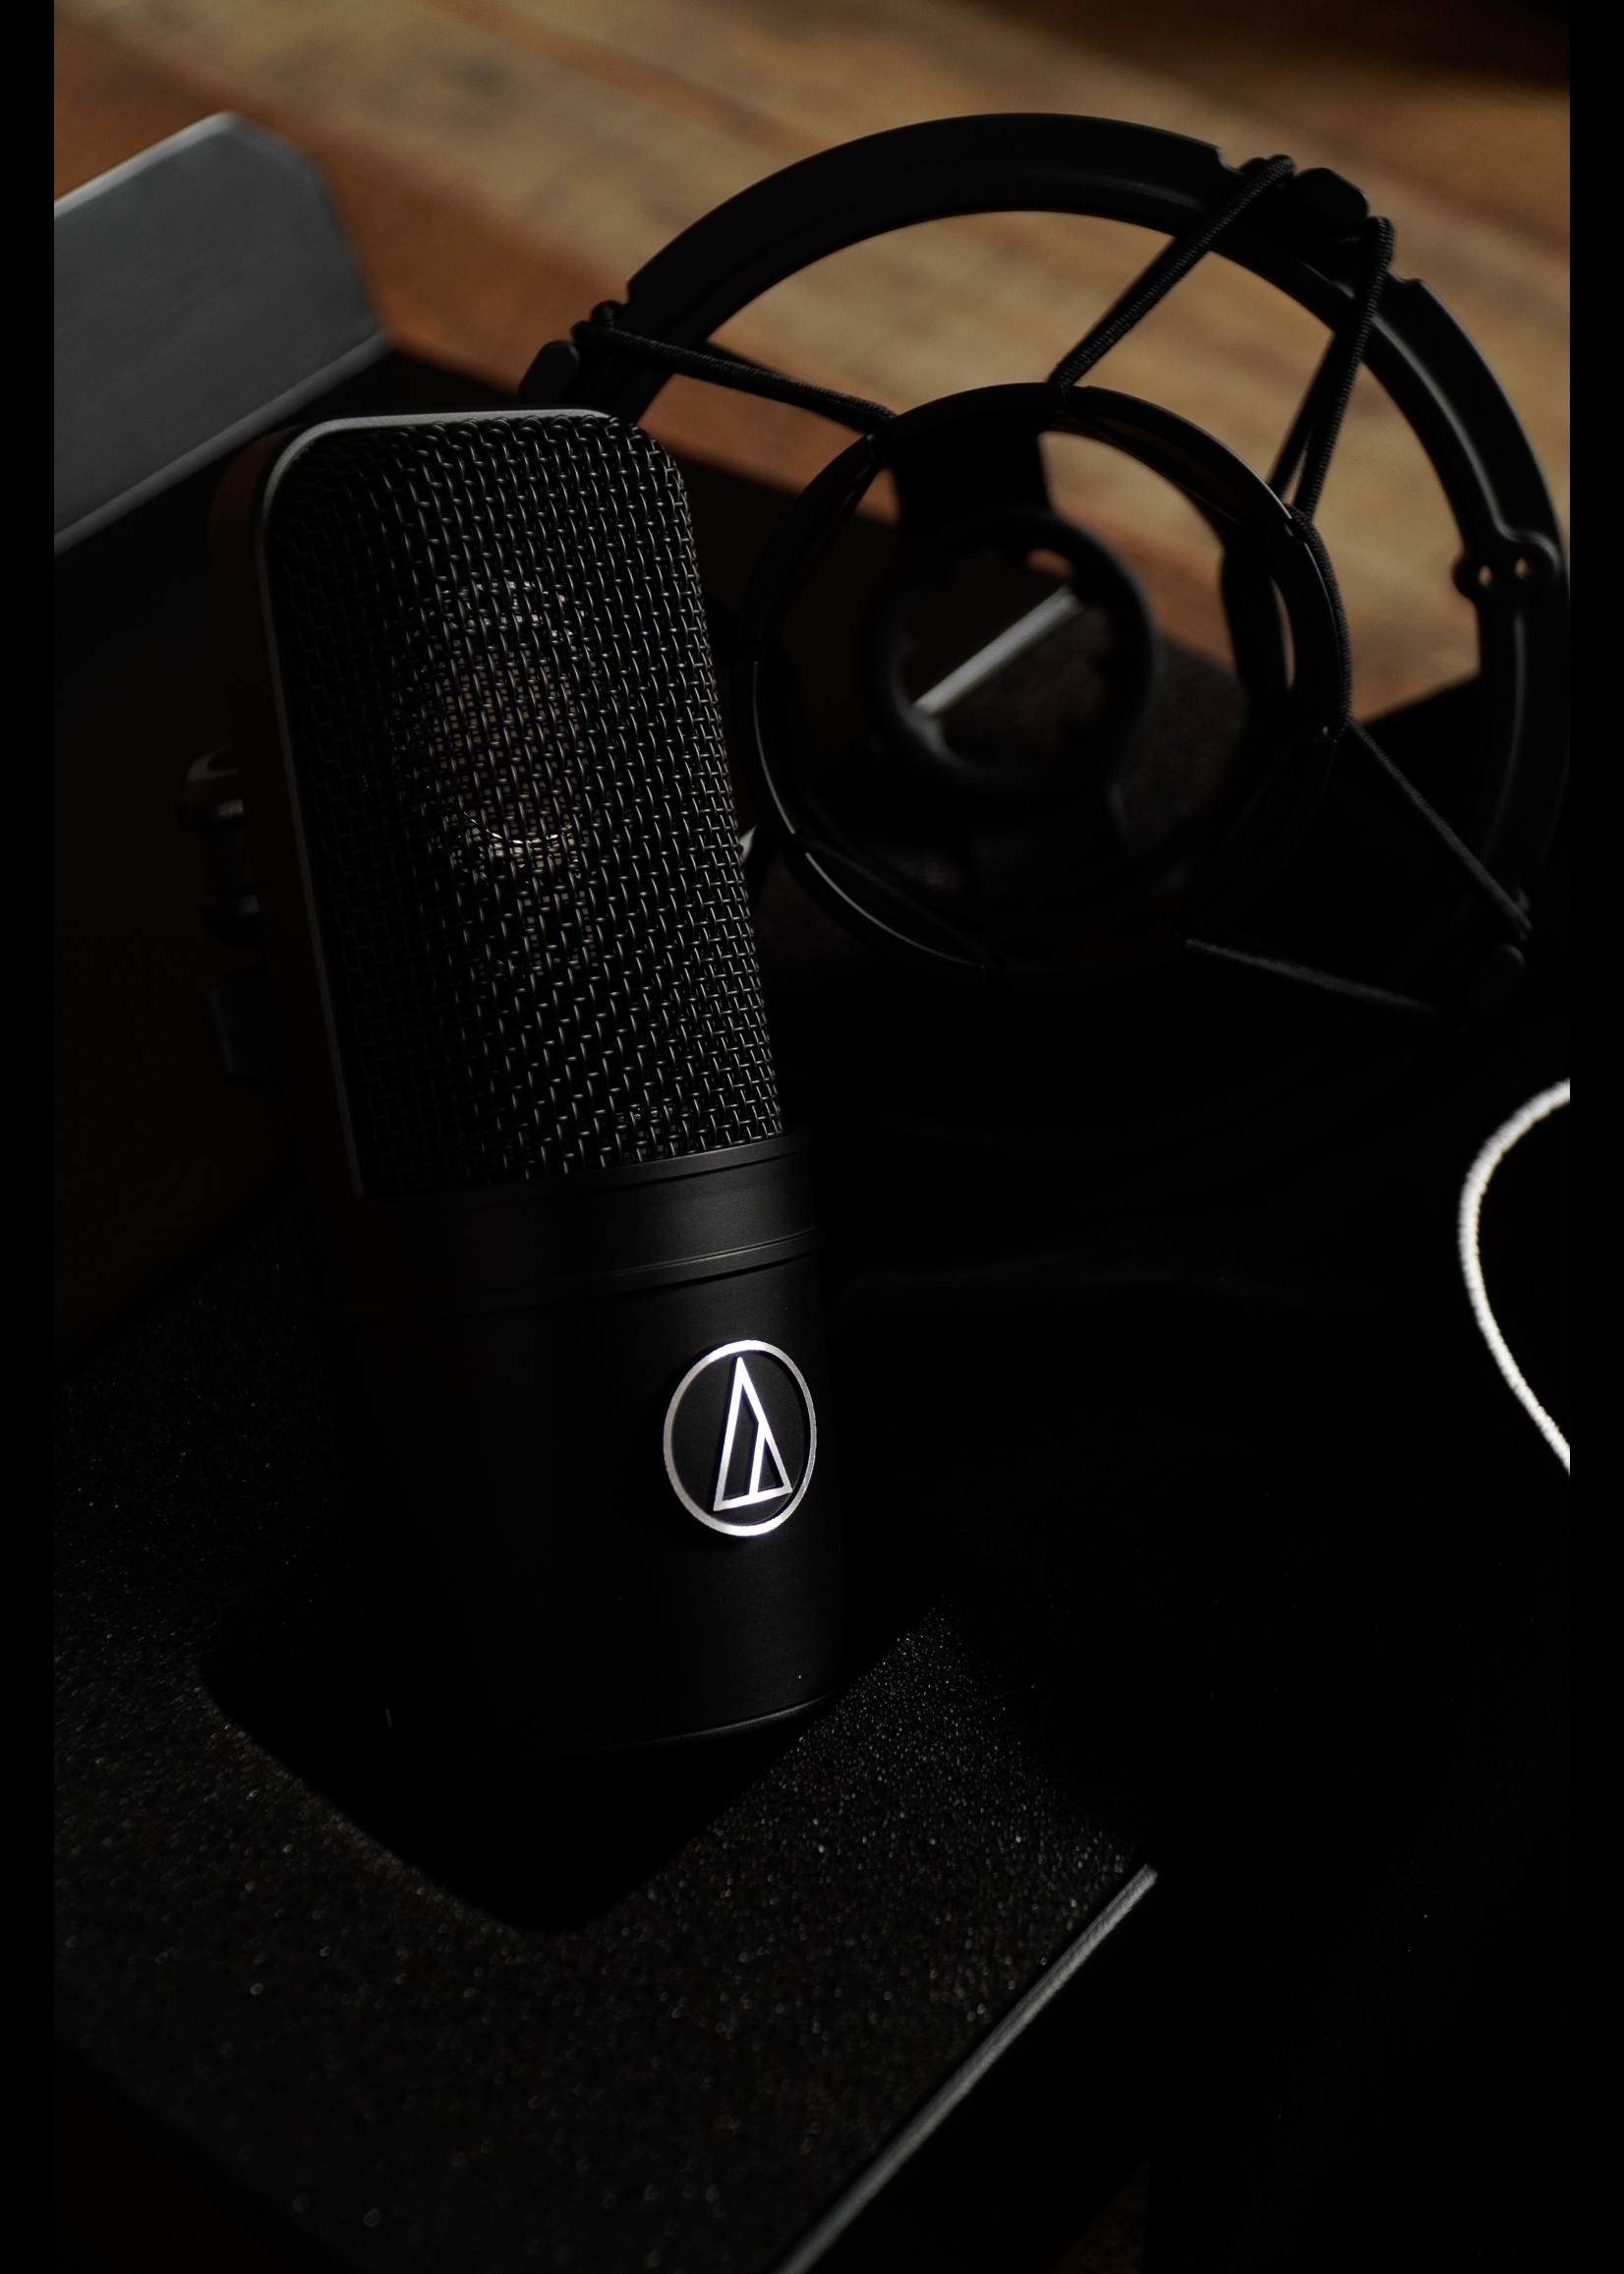 Audio-Technica Audio-Technica AT4040 Large Diaphragm Cardioid Condenser Microphone